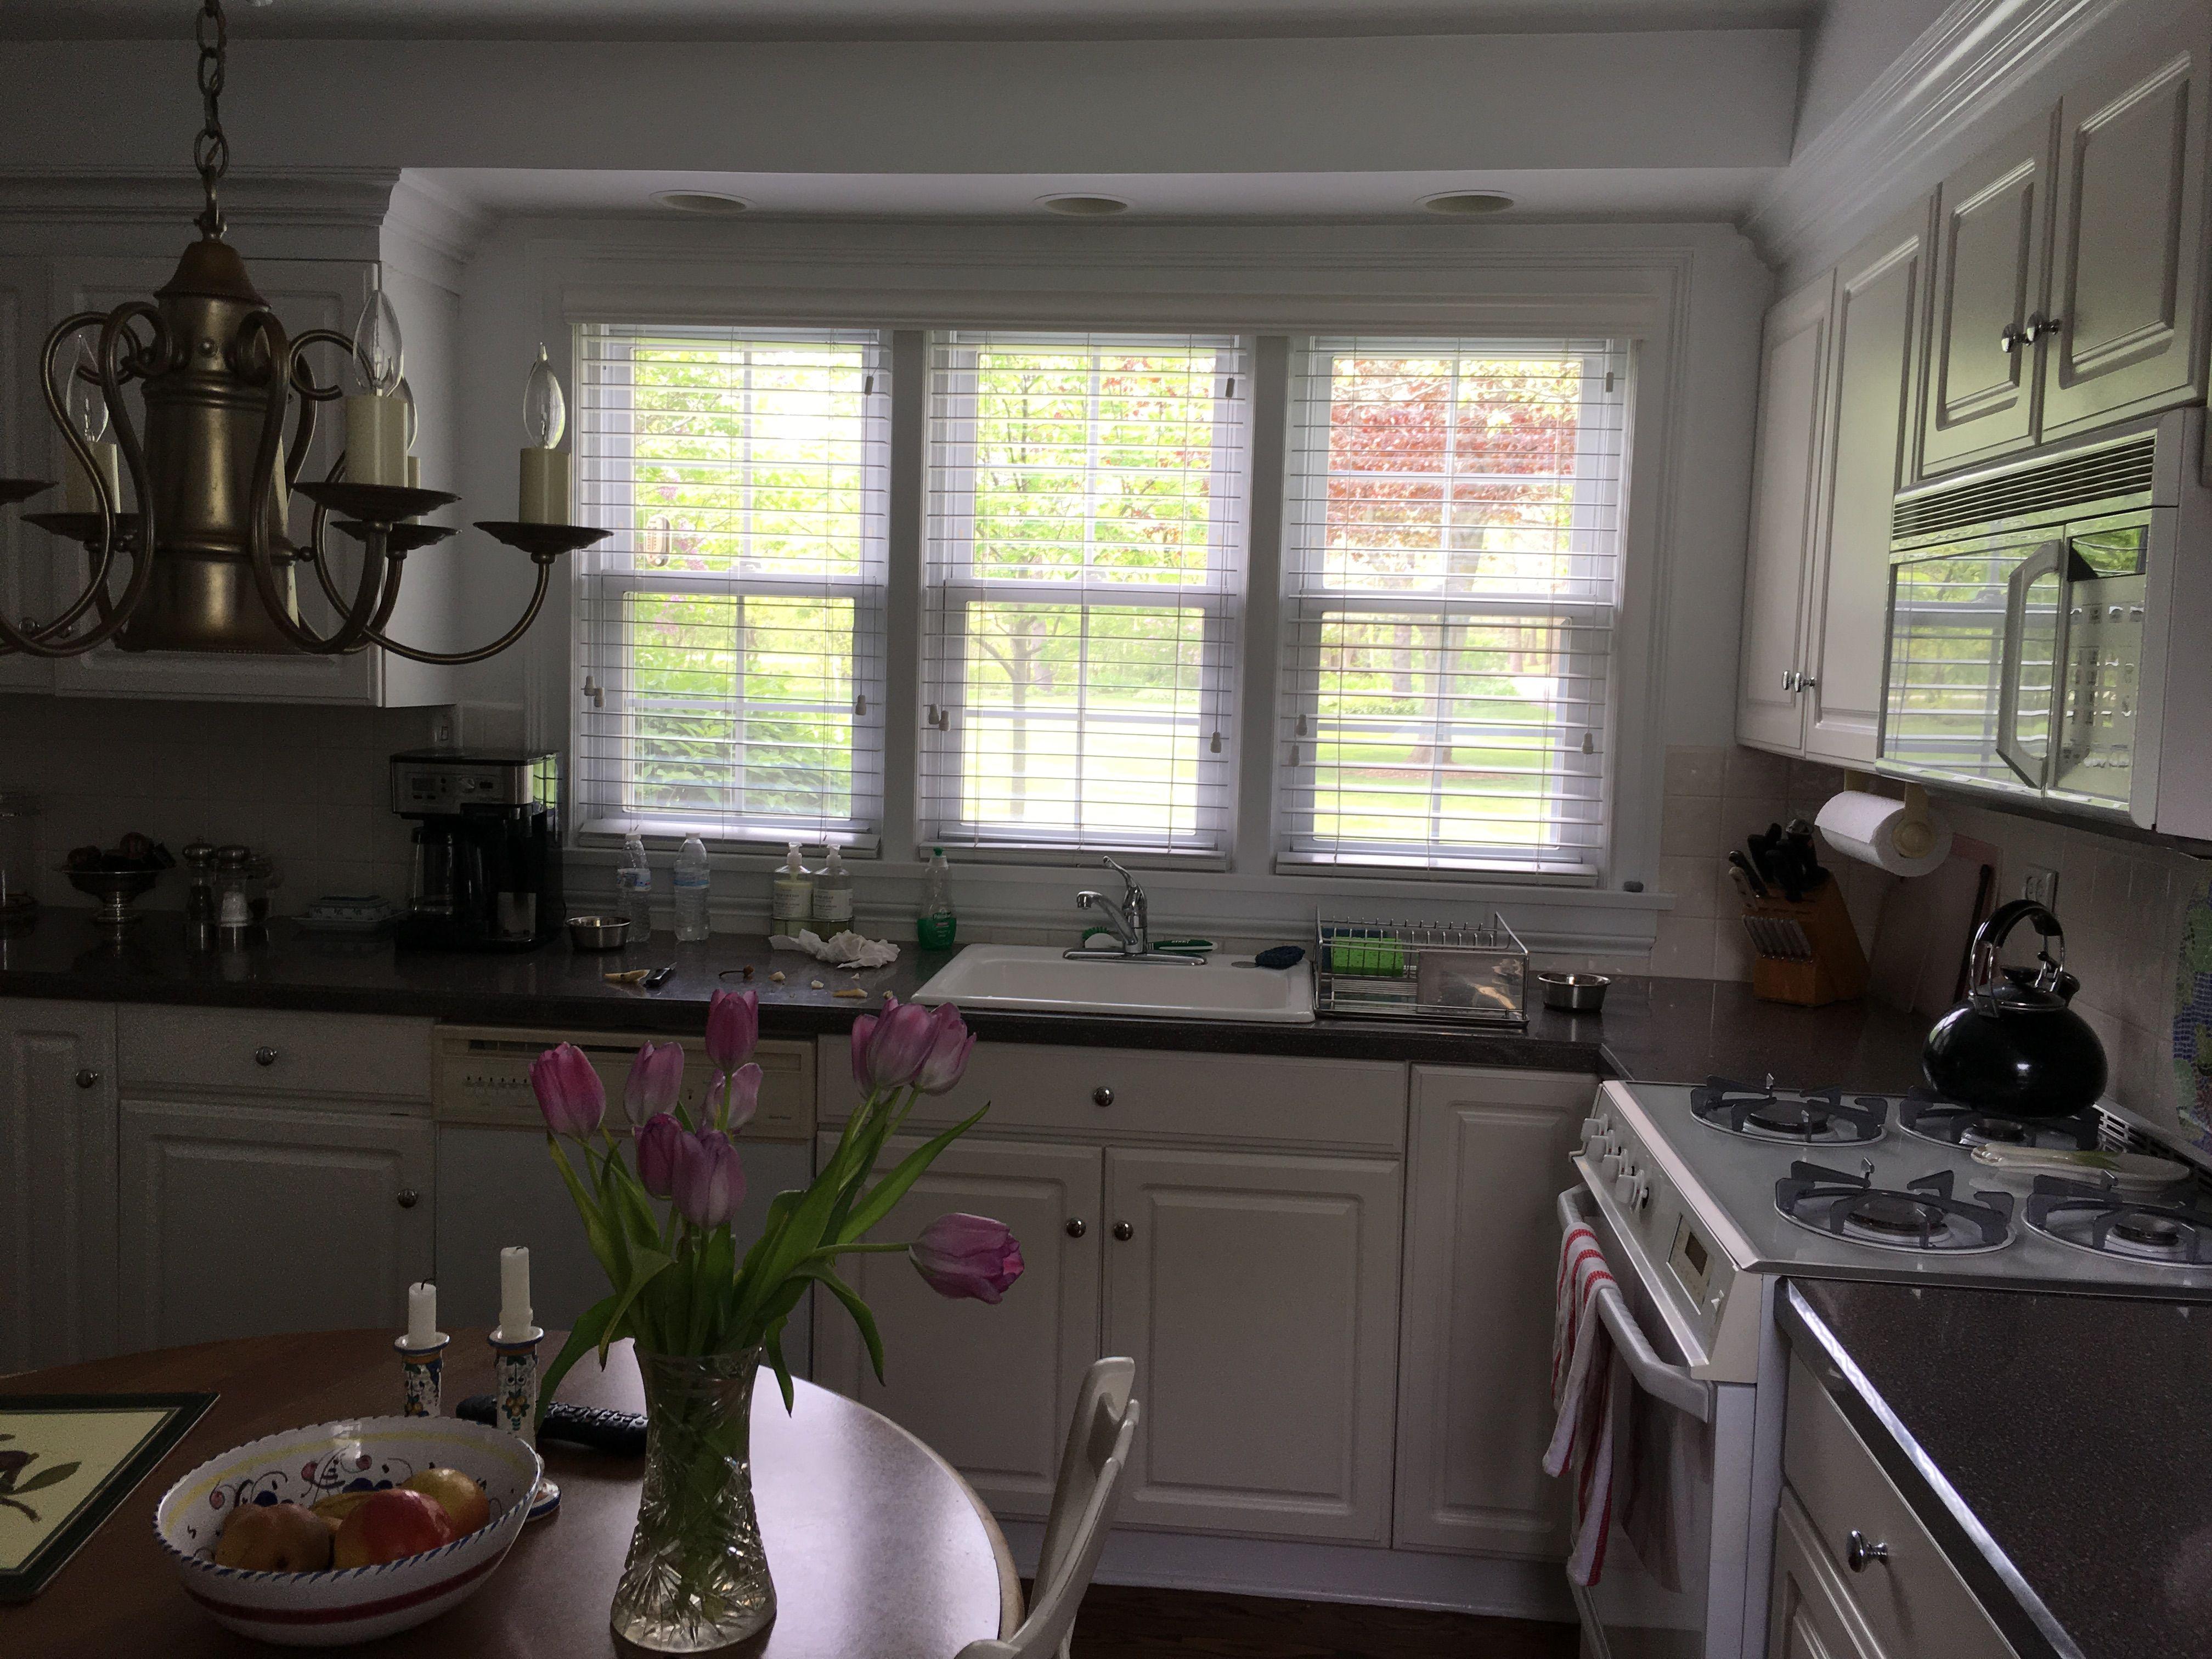 Corner window kitchen sink  pin by lesley brandt on  kitchen  pinterest